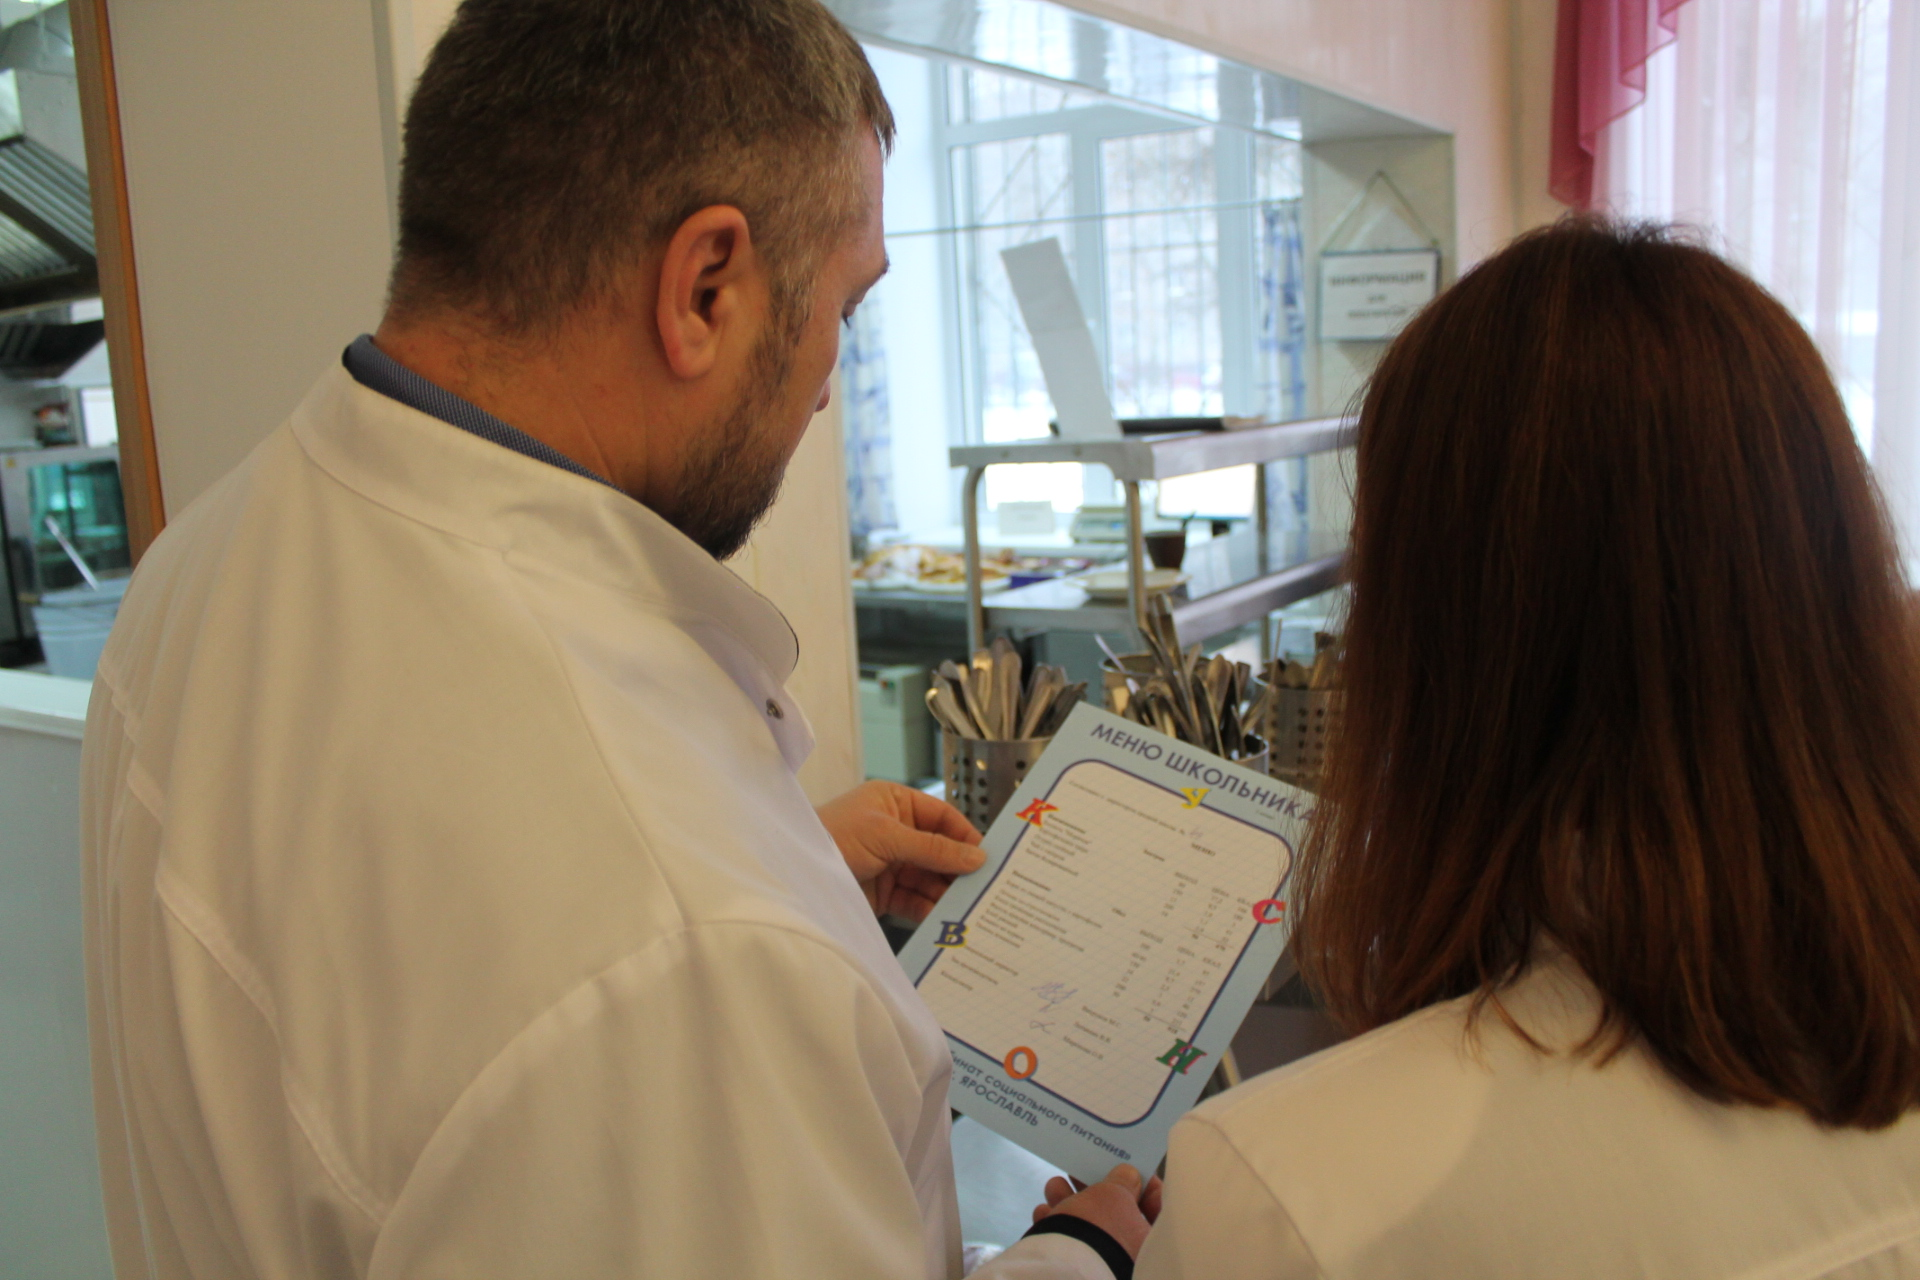 В школе Ярославля выявлены нарушения в питании детей